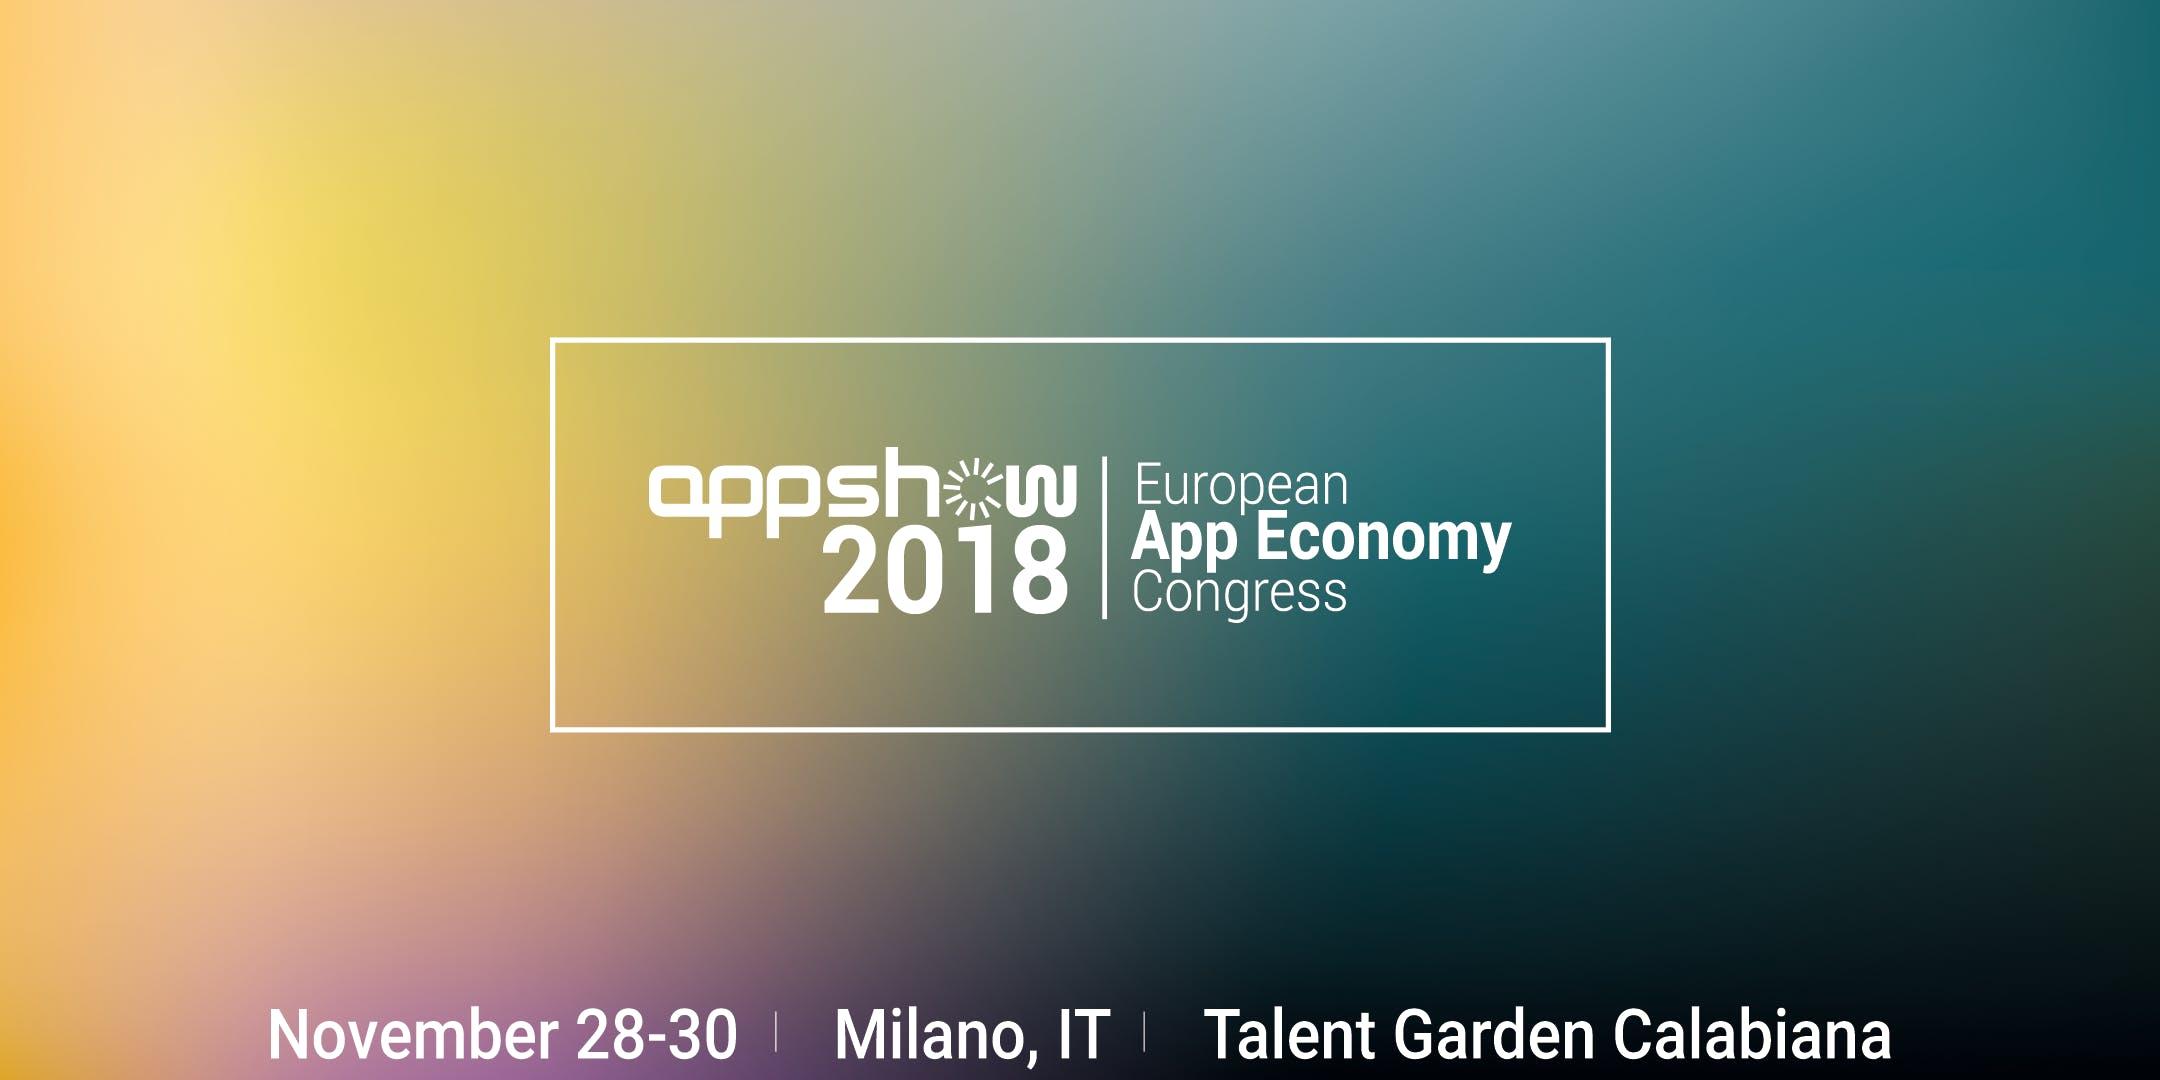 AppShow - European App Economy Congress